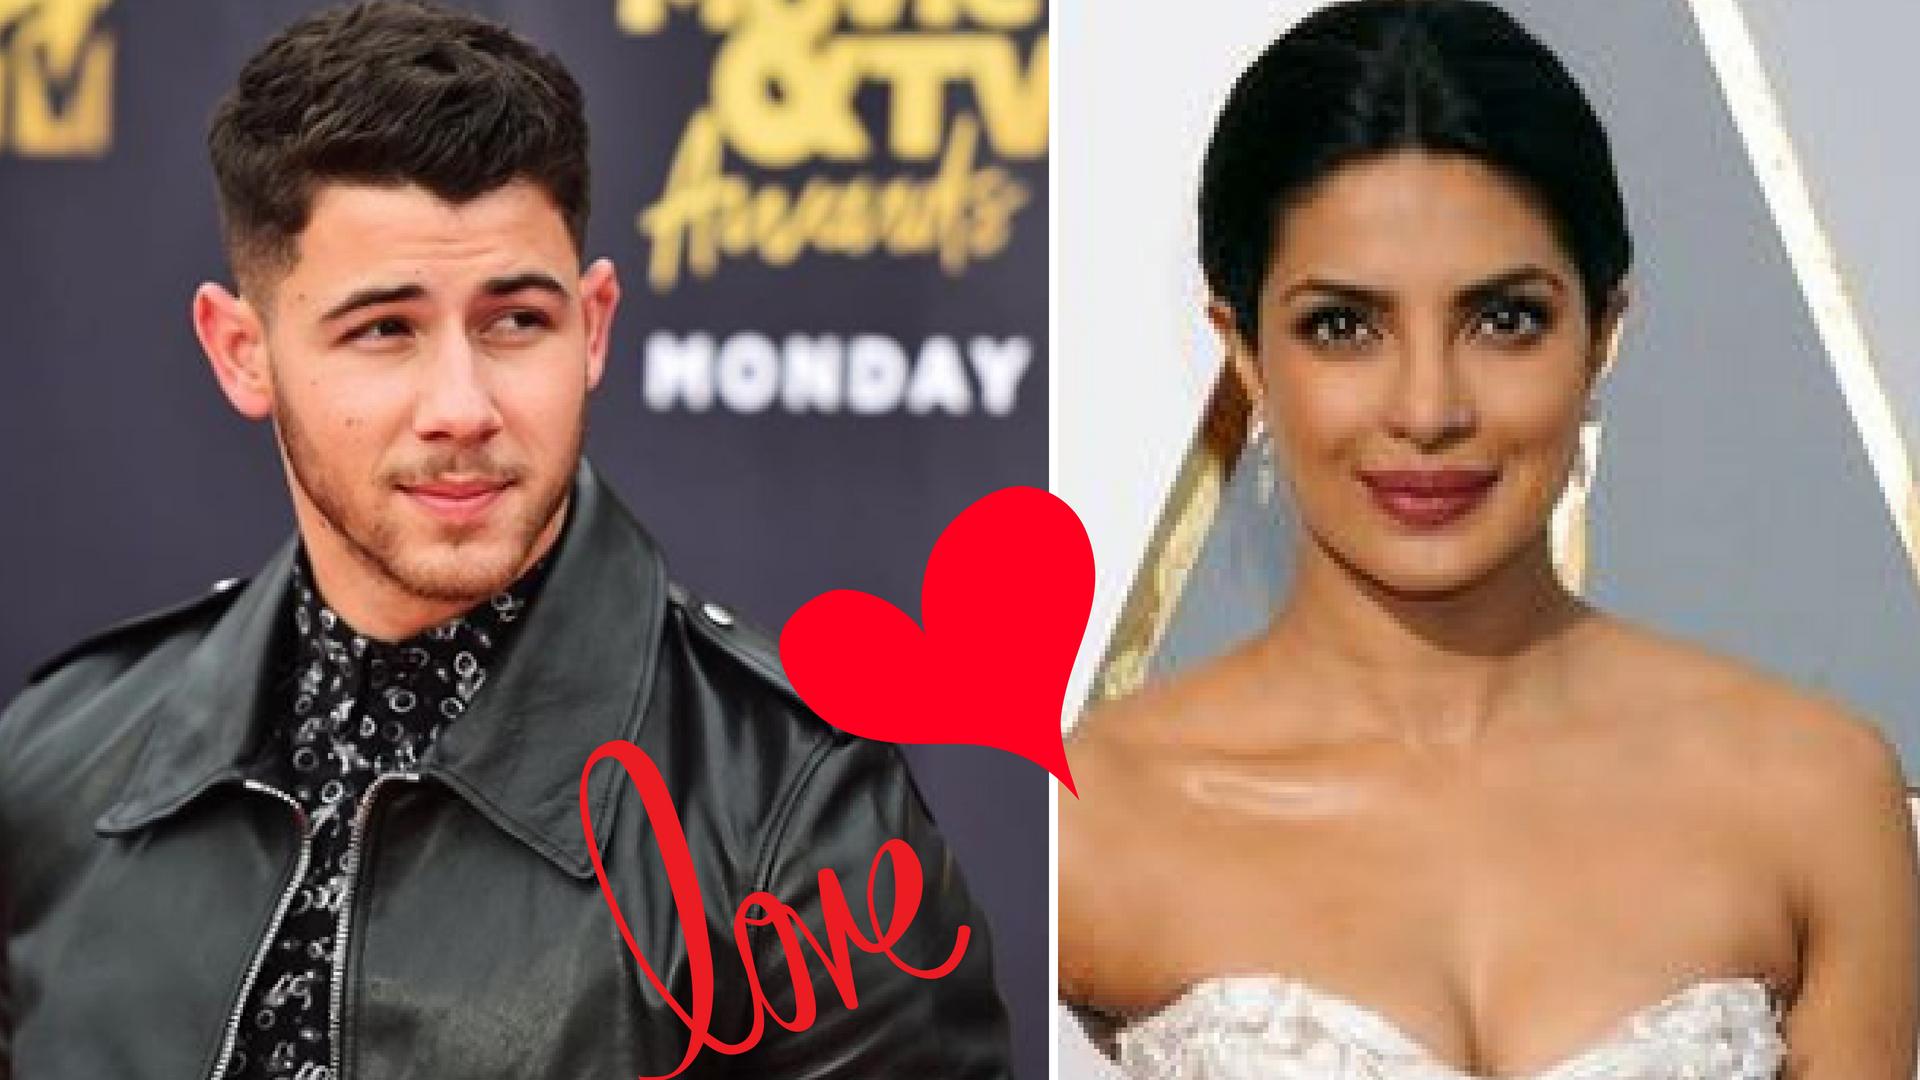 Nick Jonas i Priyanka Chopra OFICJALNIE razem! Opublikowali film